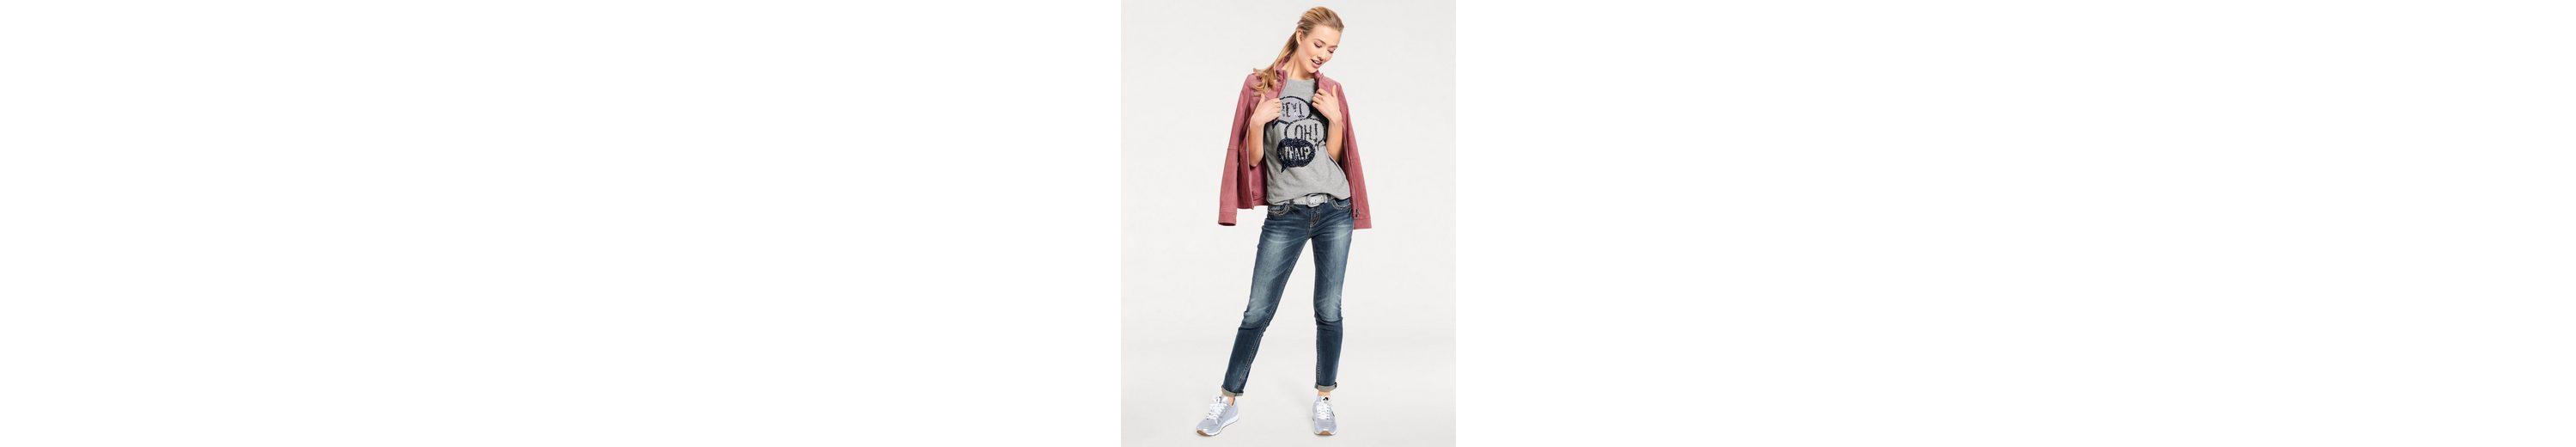 B.C. BEST CONNECTIONS by Heine Shirt mit Paillettenmotiv Vermarktbare Verkauf Online Billig Verkauf Genießen Freies Verschiffen Verkauf Online Verkauf Exklusiv Cool wSBYHrx